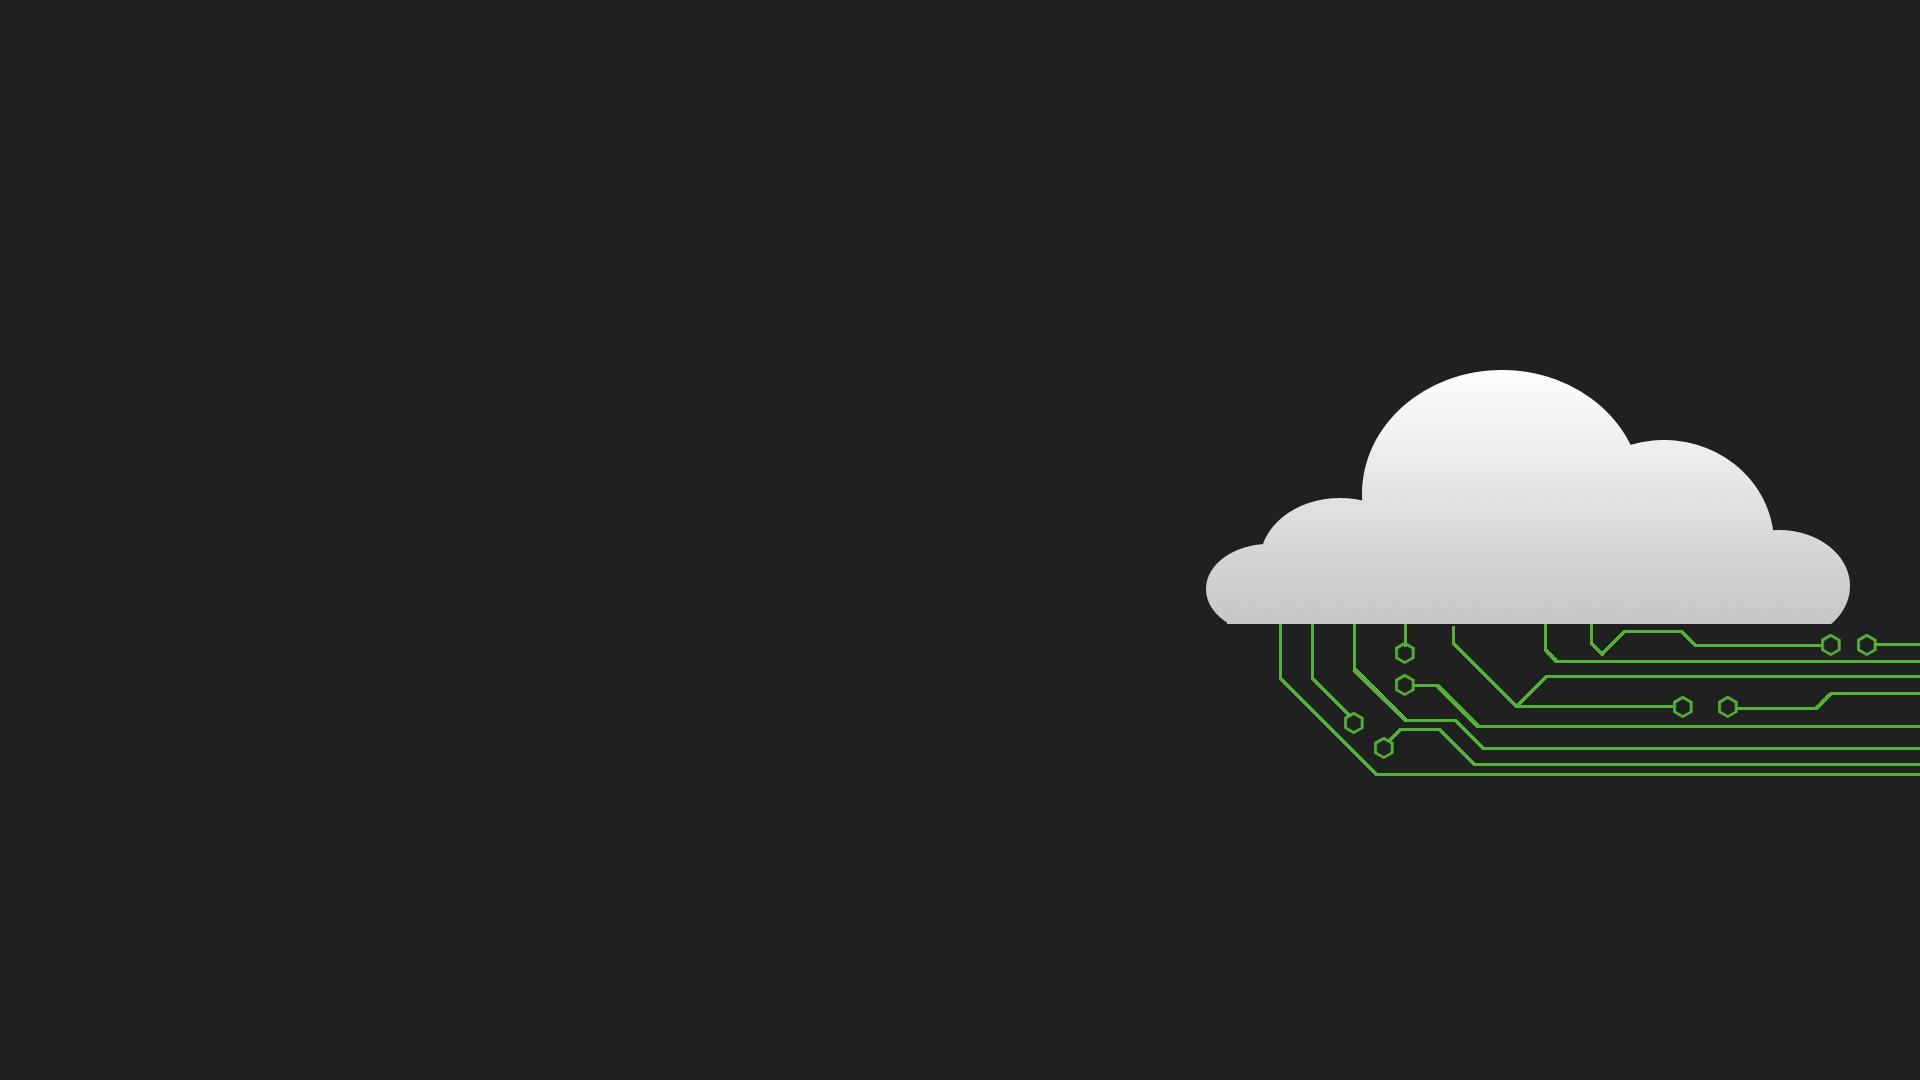 Sfondi Illustrazione Minimalismo Testo Logo Tecnologia Marca